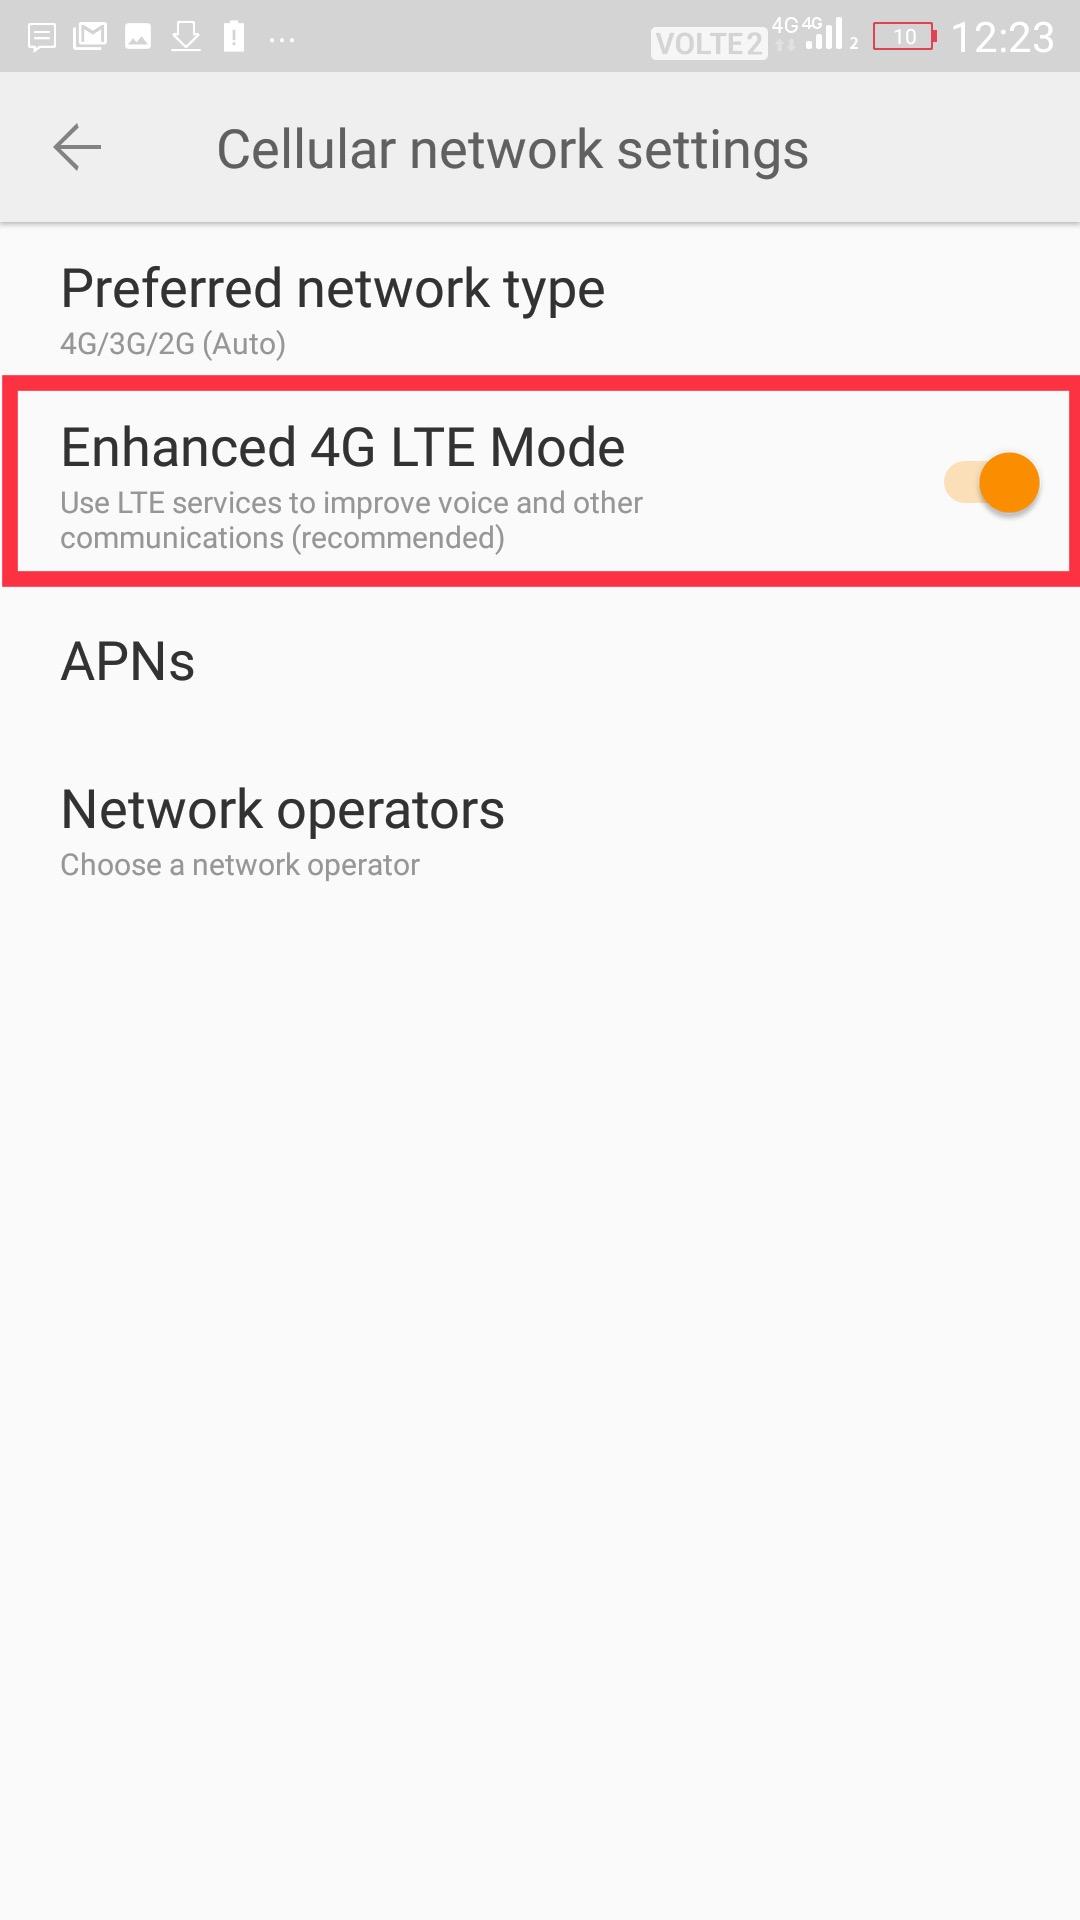 Airtel apn settings for mobile partner